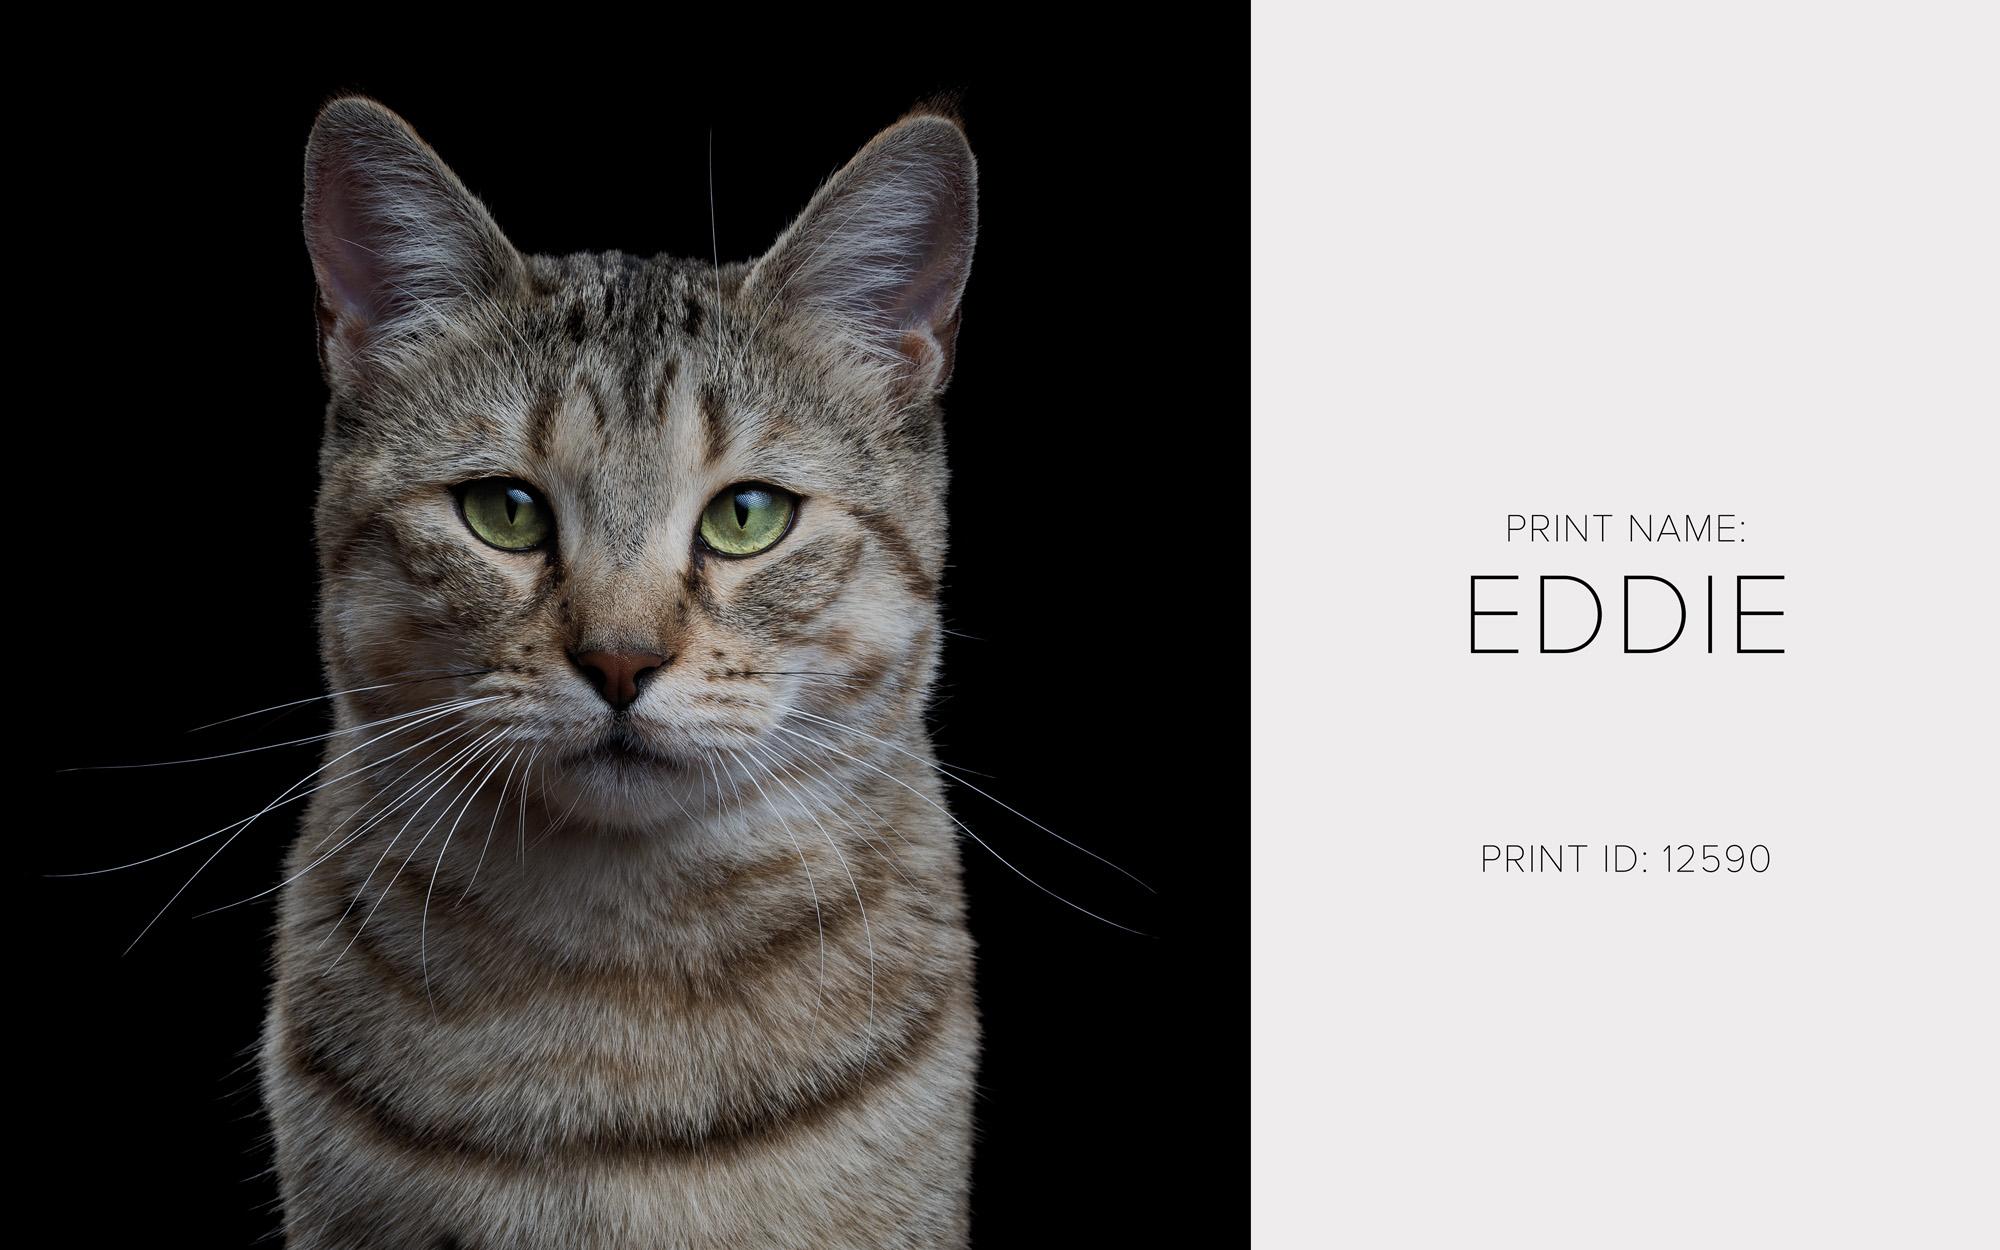 Eddie_Thumb.jpg